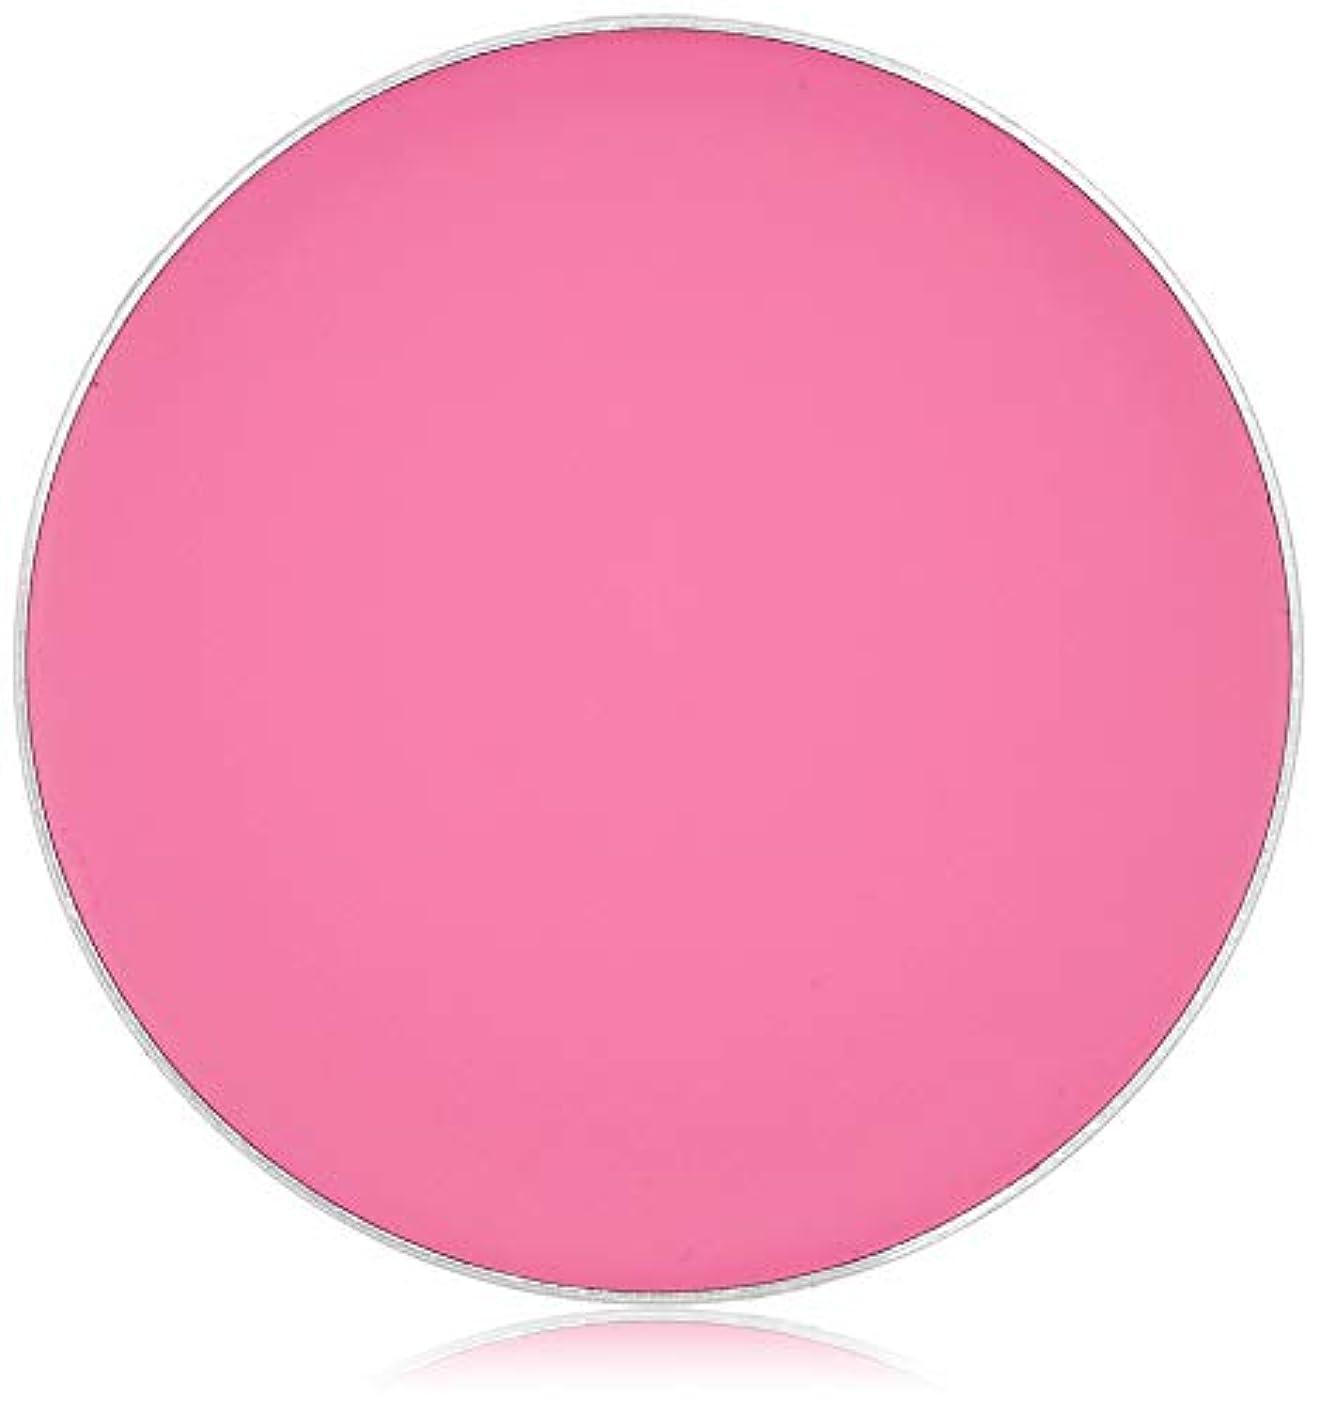 バン規則性精度キッカ フローレスグロウ フラッシュブラッシュ 07 肌をより明るく際立たせる、鮮やかな青みピンク。 チーク